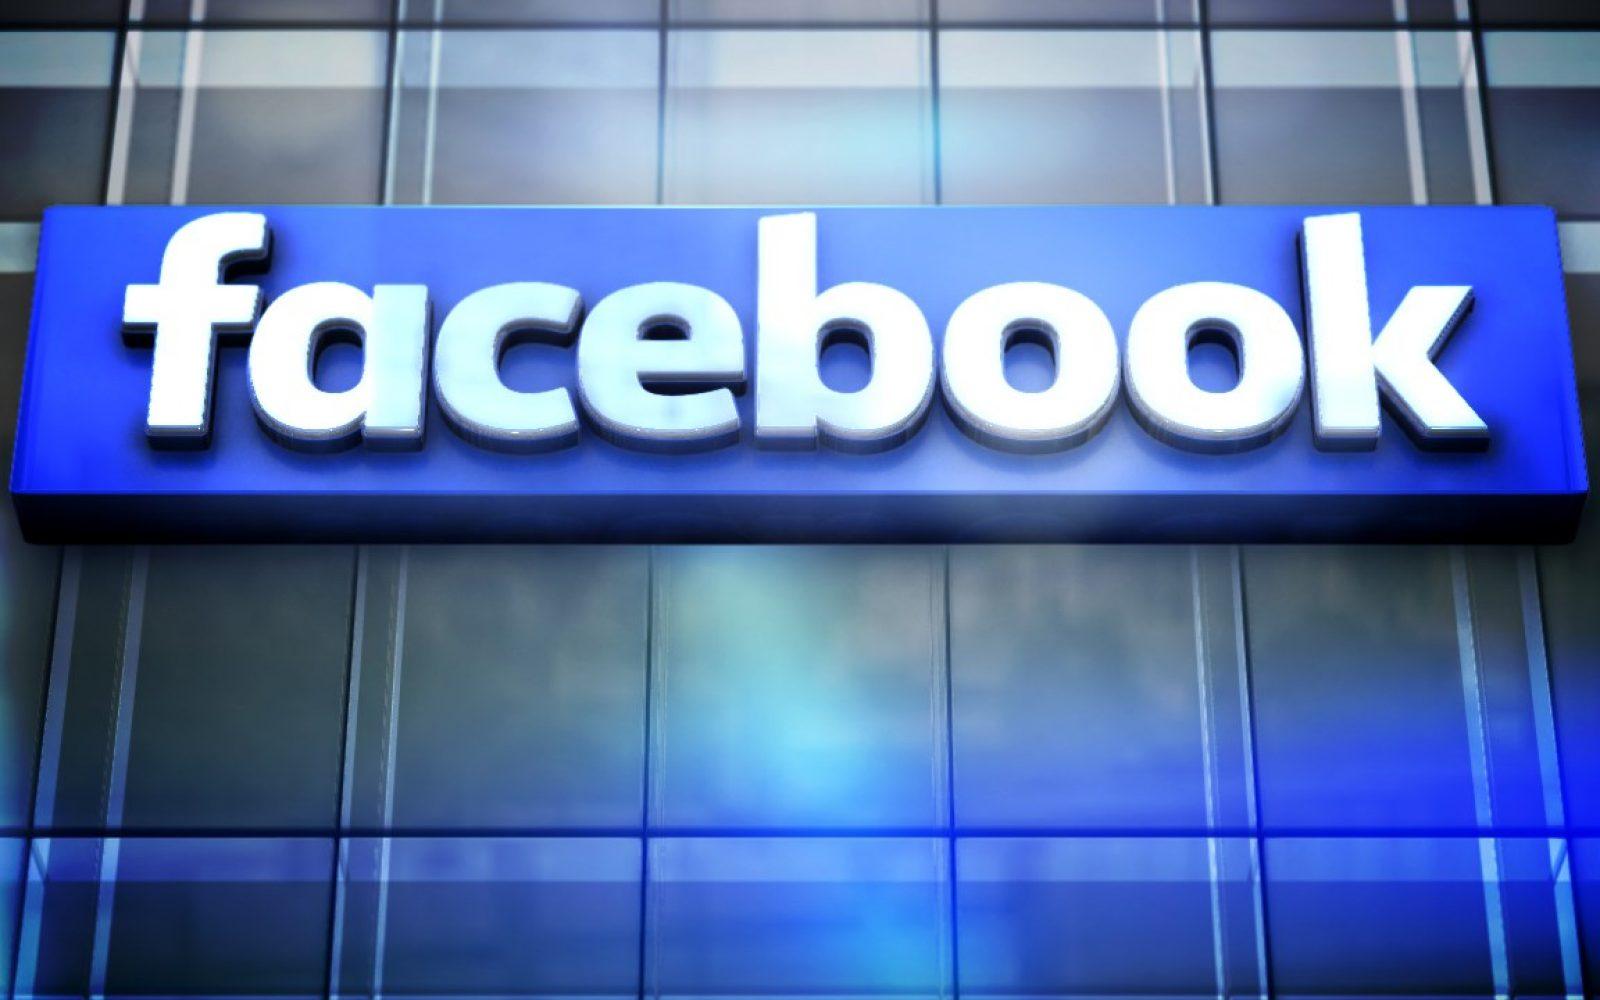 شركة فيسبوك /انترنت